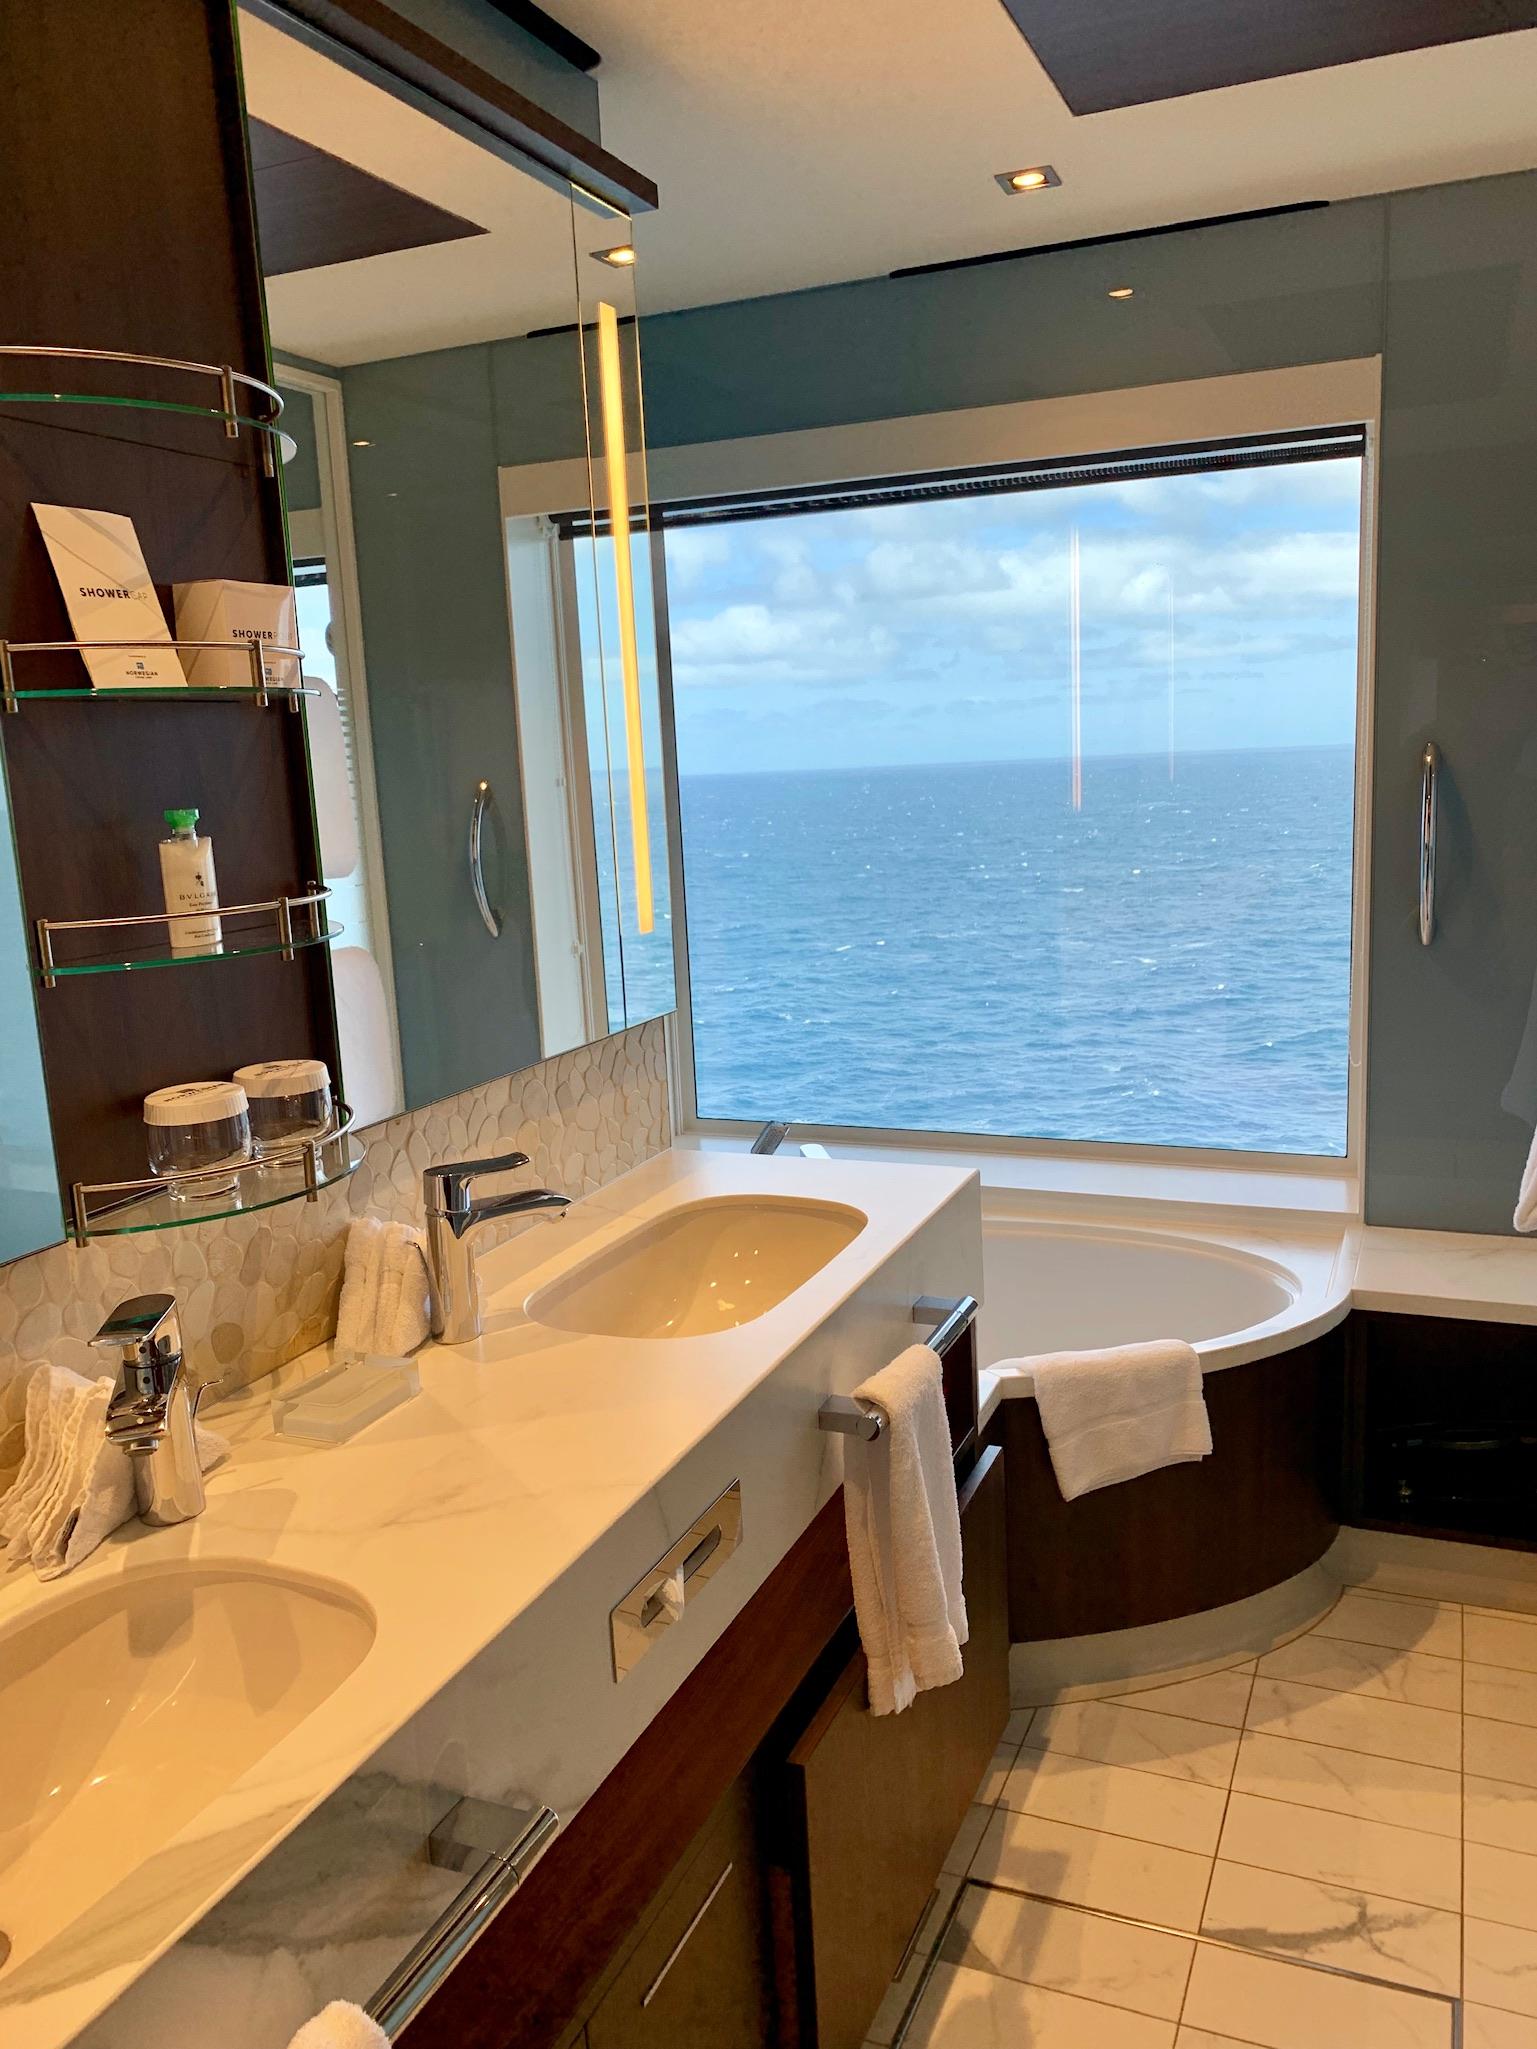 NCL Joy - Rooms - Haven 2 BR Family Villa - Bathroom.jpg